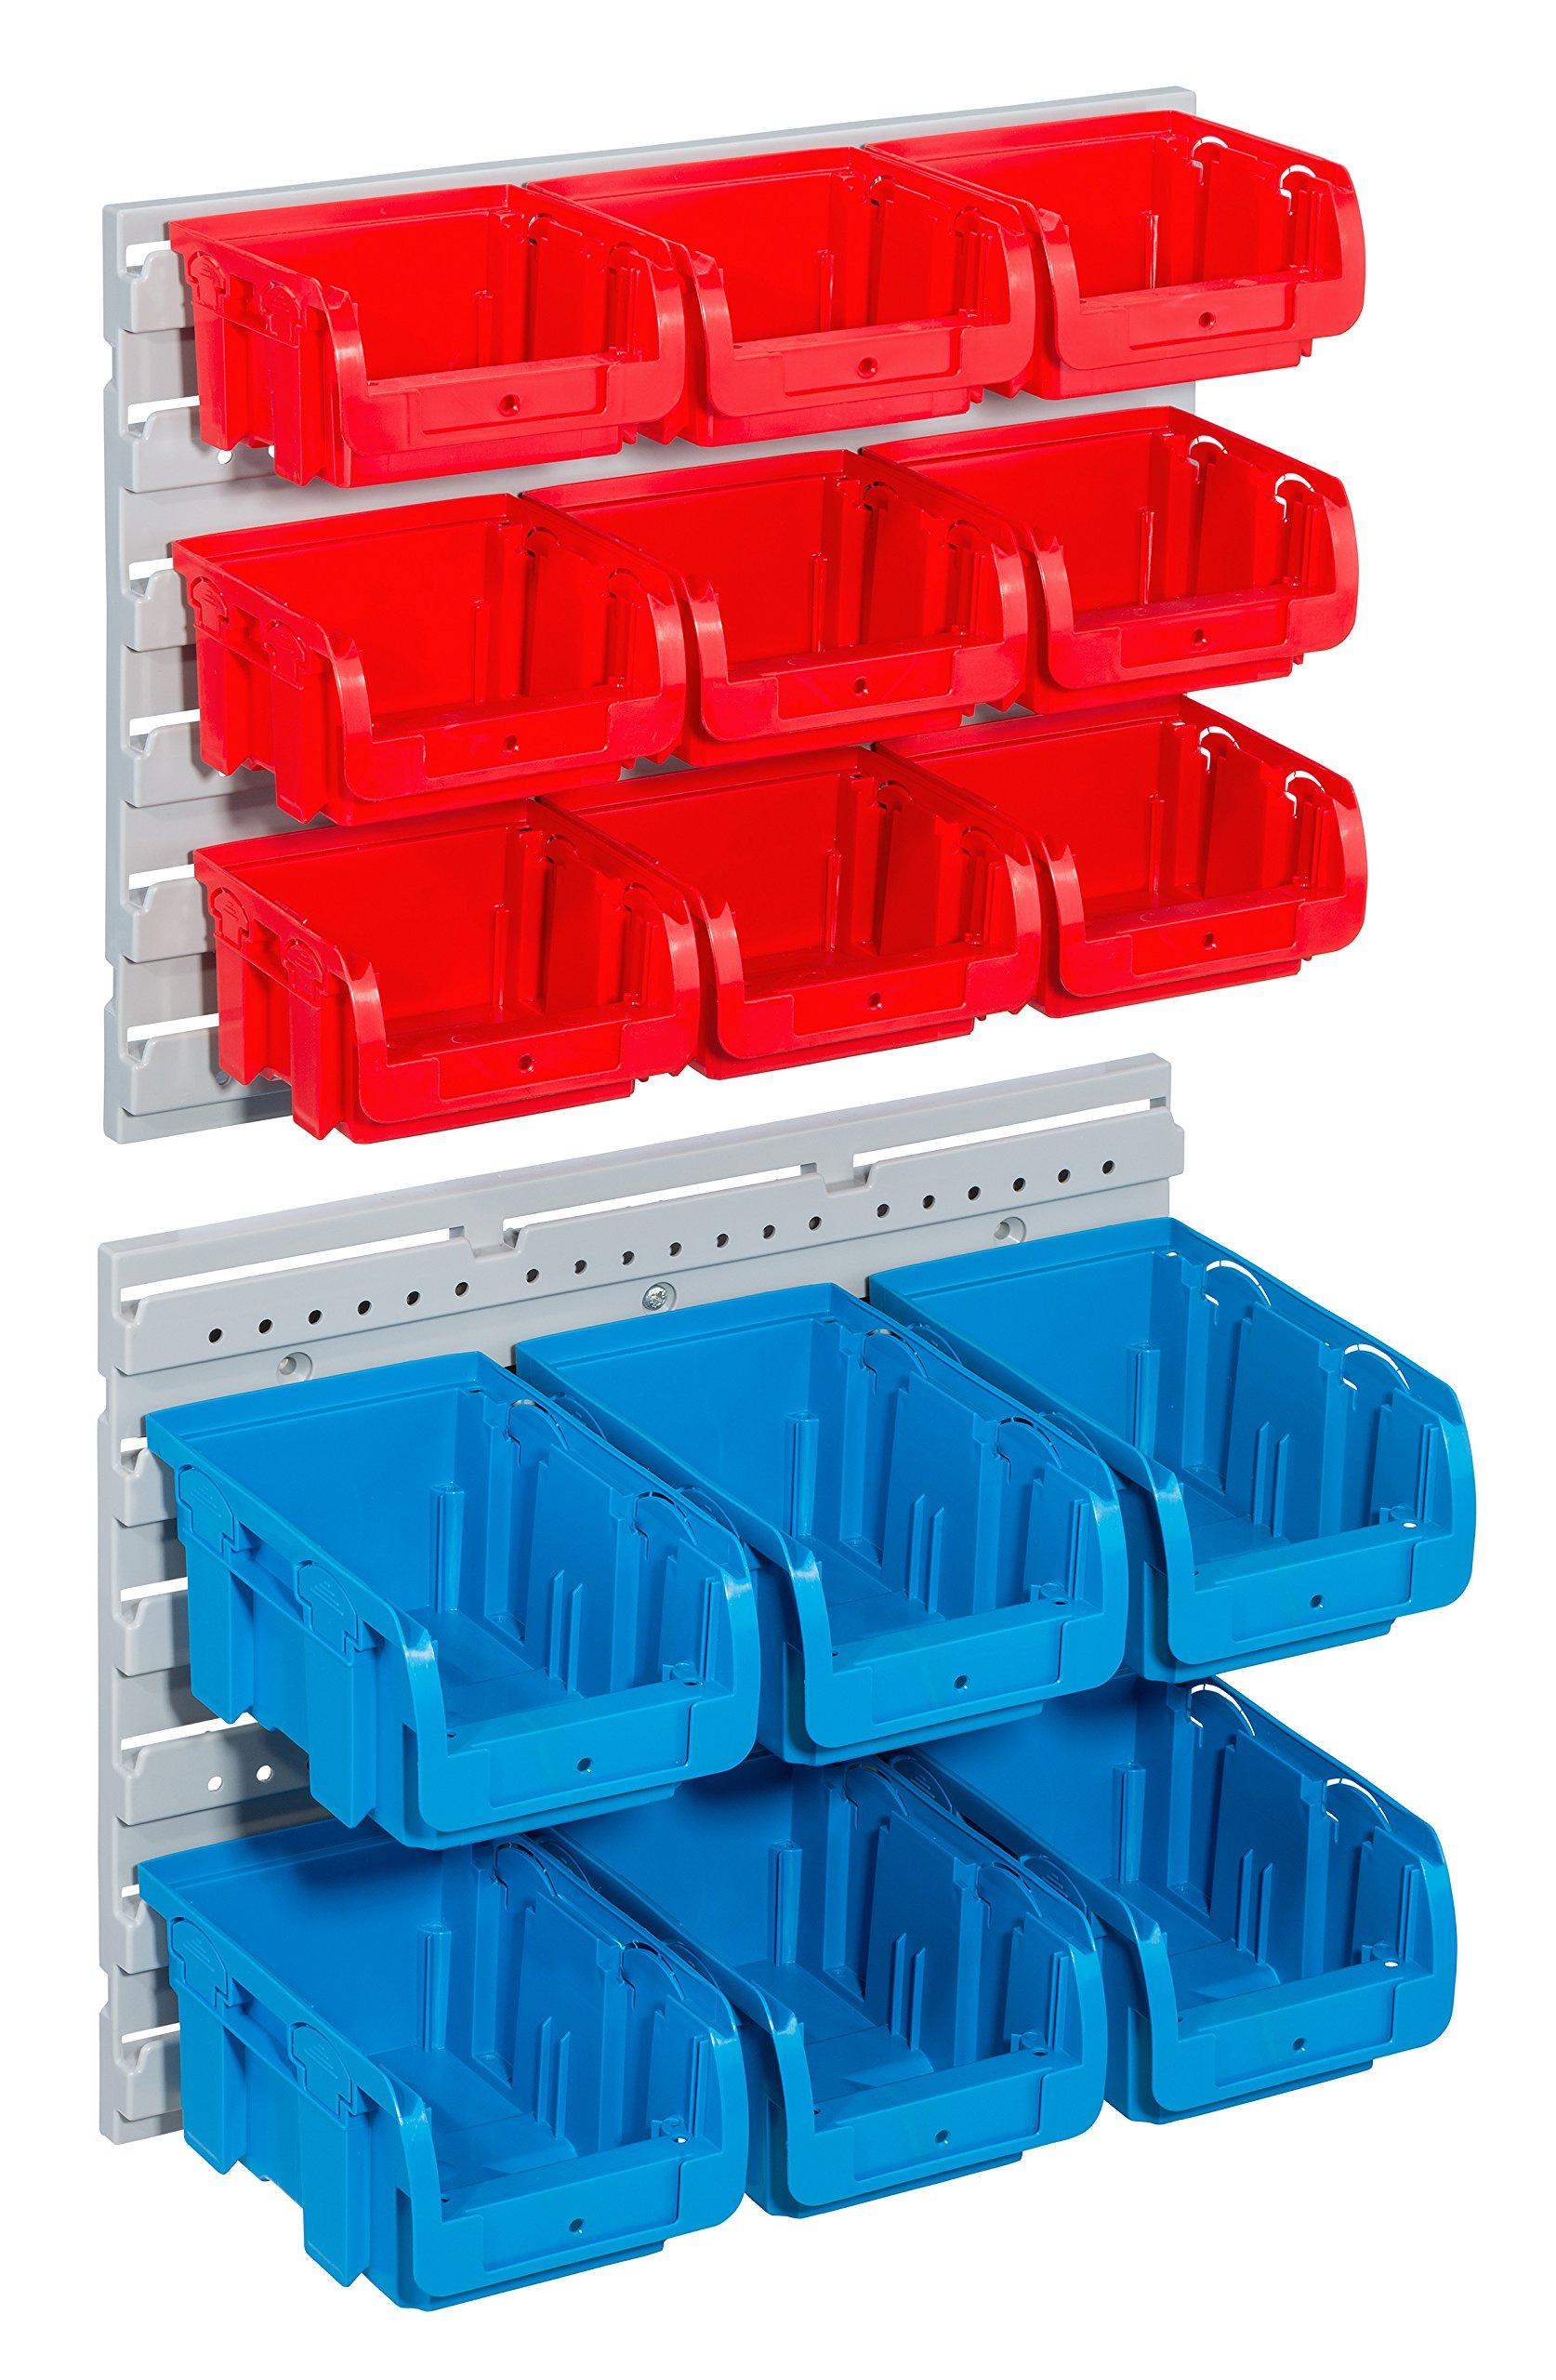 Allit 457120 Storage Bin Set''Profiplus Set C 1+2'' 17Piece in Red/Blue